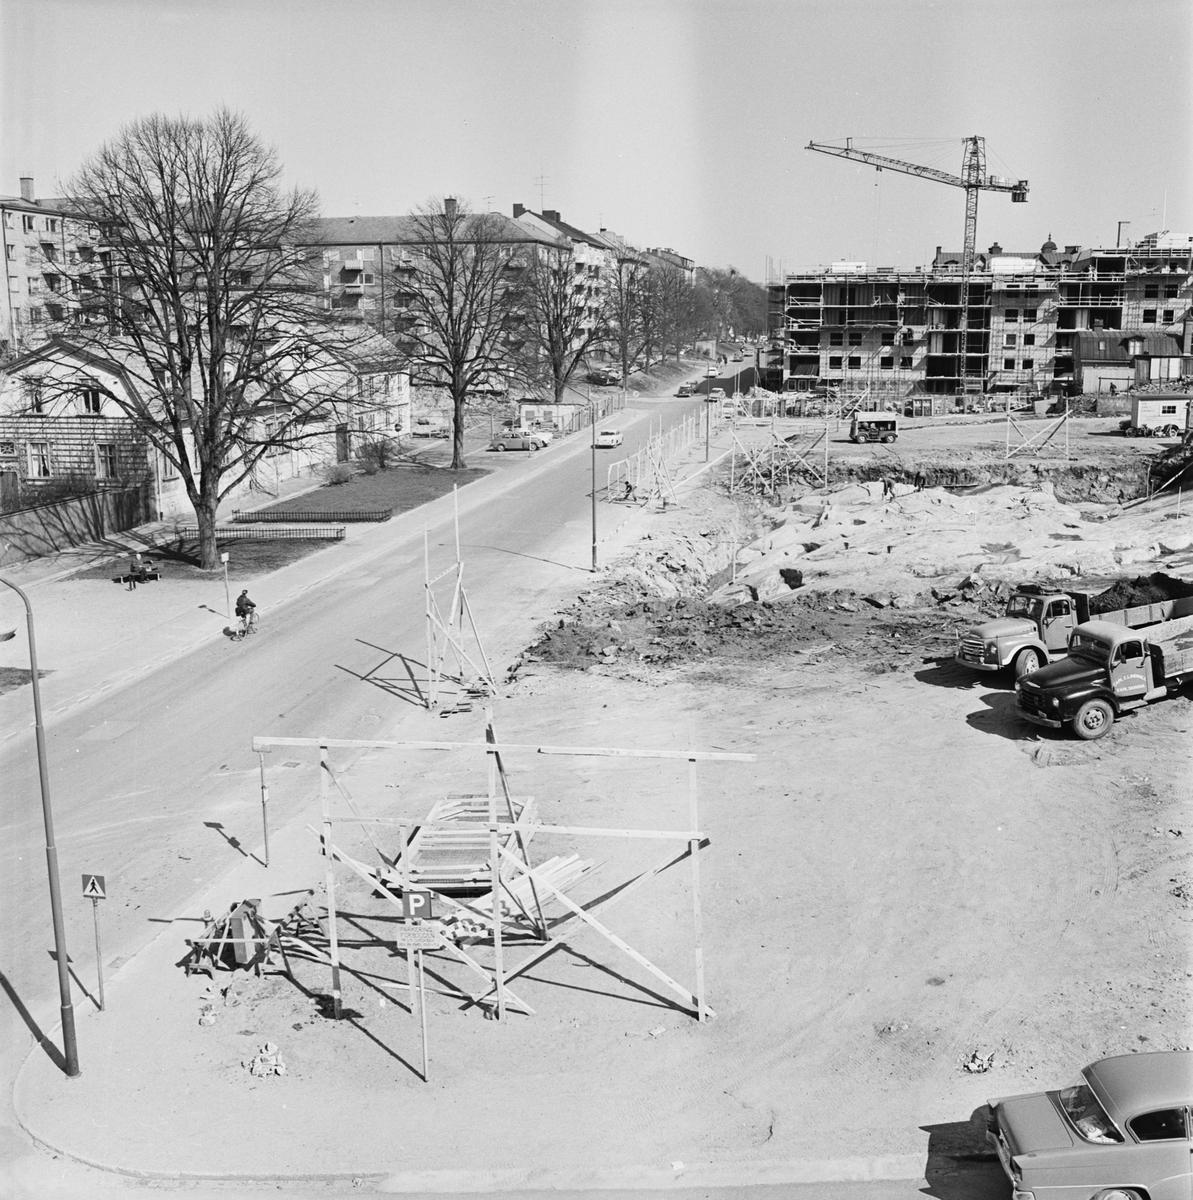 Övrigt: Foto datum: 4/5 1965 Byggnader och kranar Kvarteret Pollux